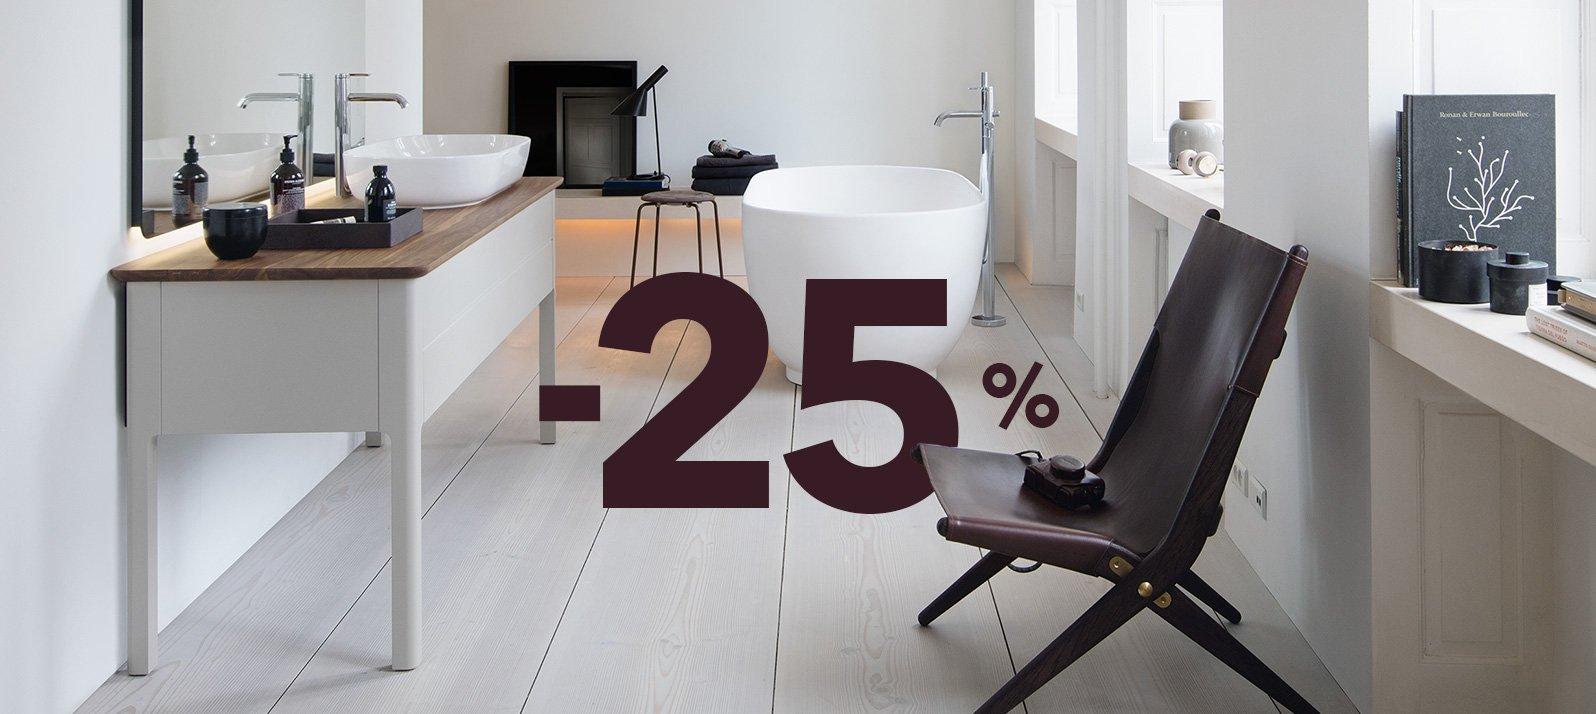 -25% sul bagno dei tuoi sogni